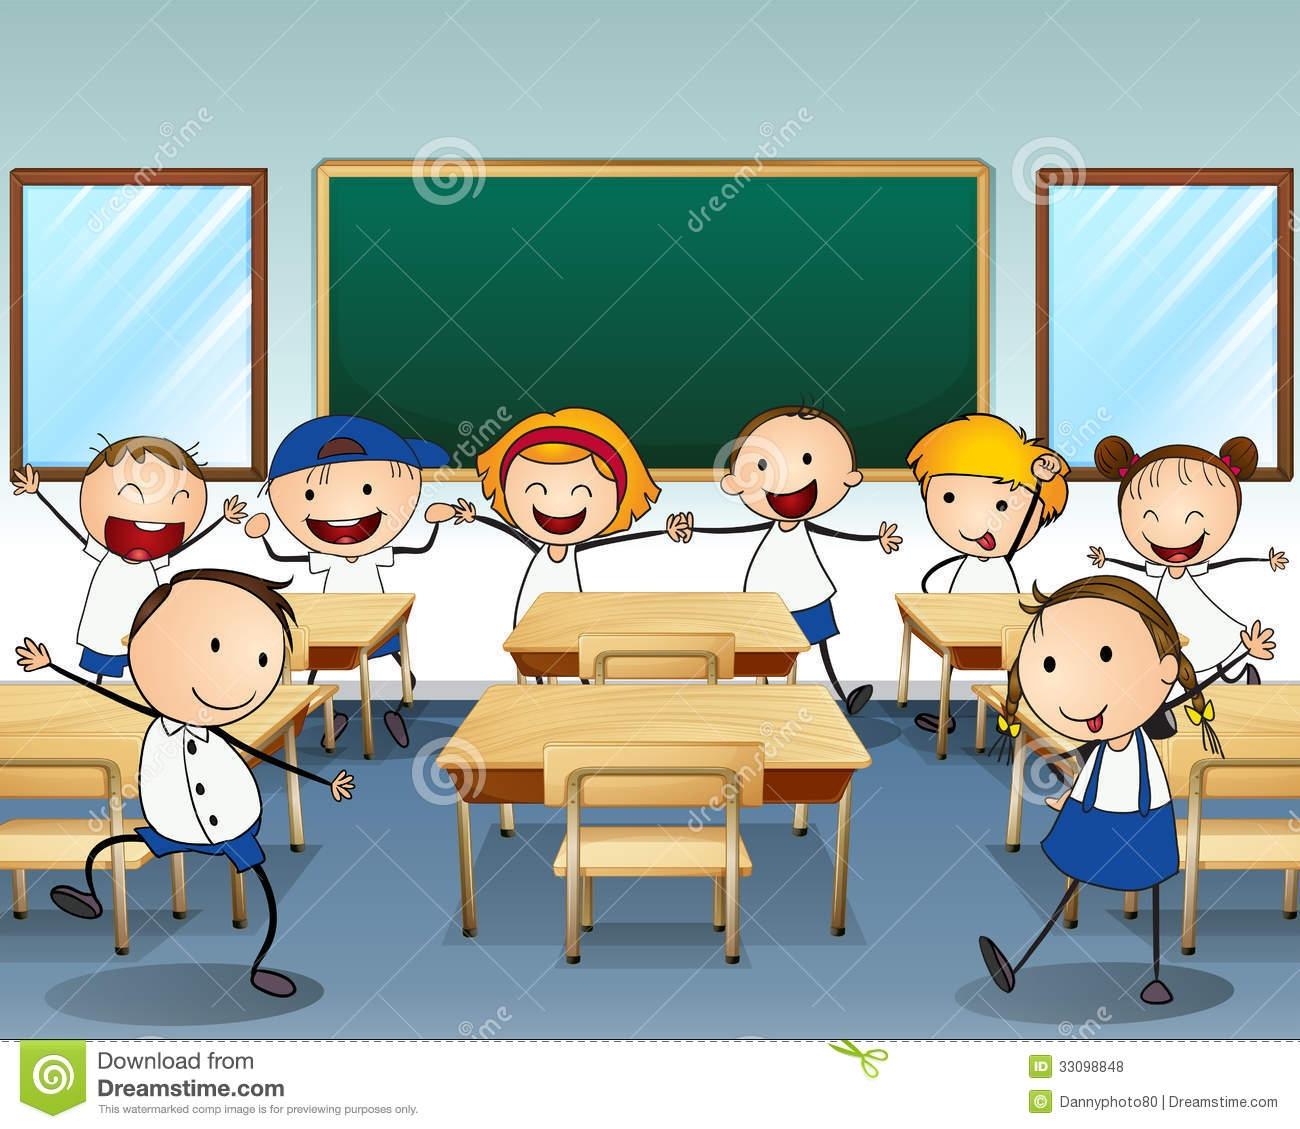 Clip Art. Free Classroom Clipart. Drupload.com Free Clipart And.